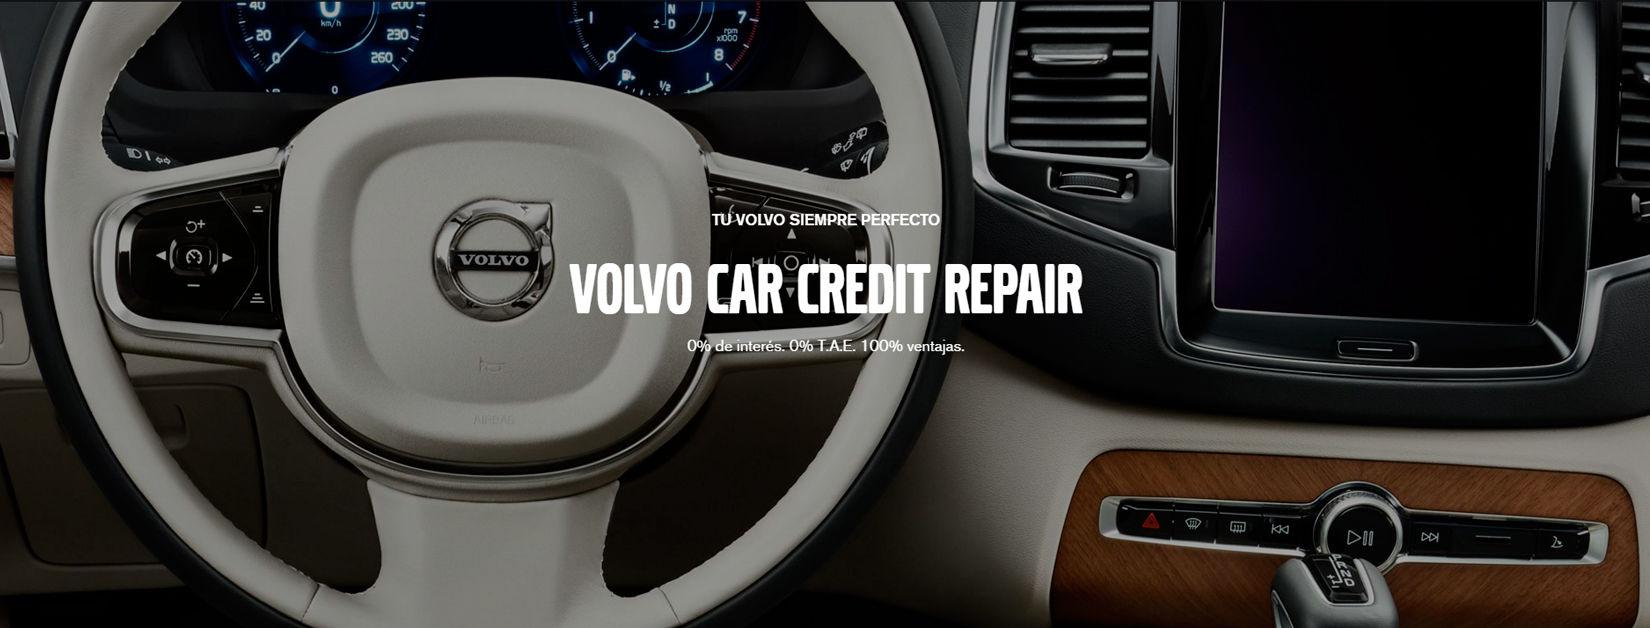 Oferta Volvo Car Credit Repair